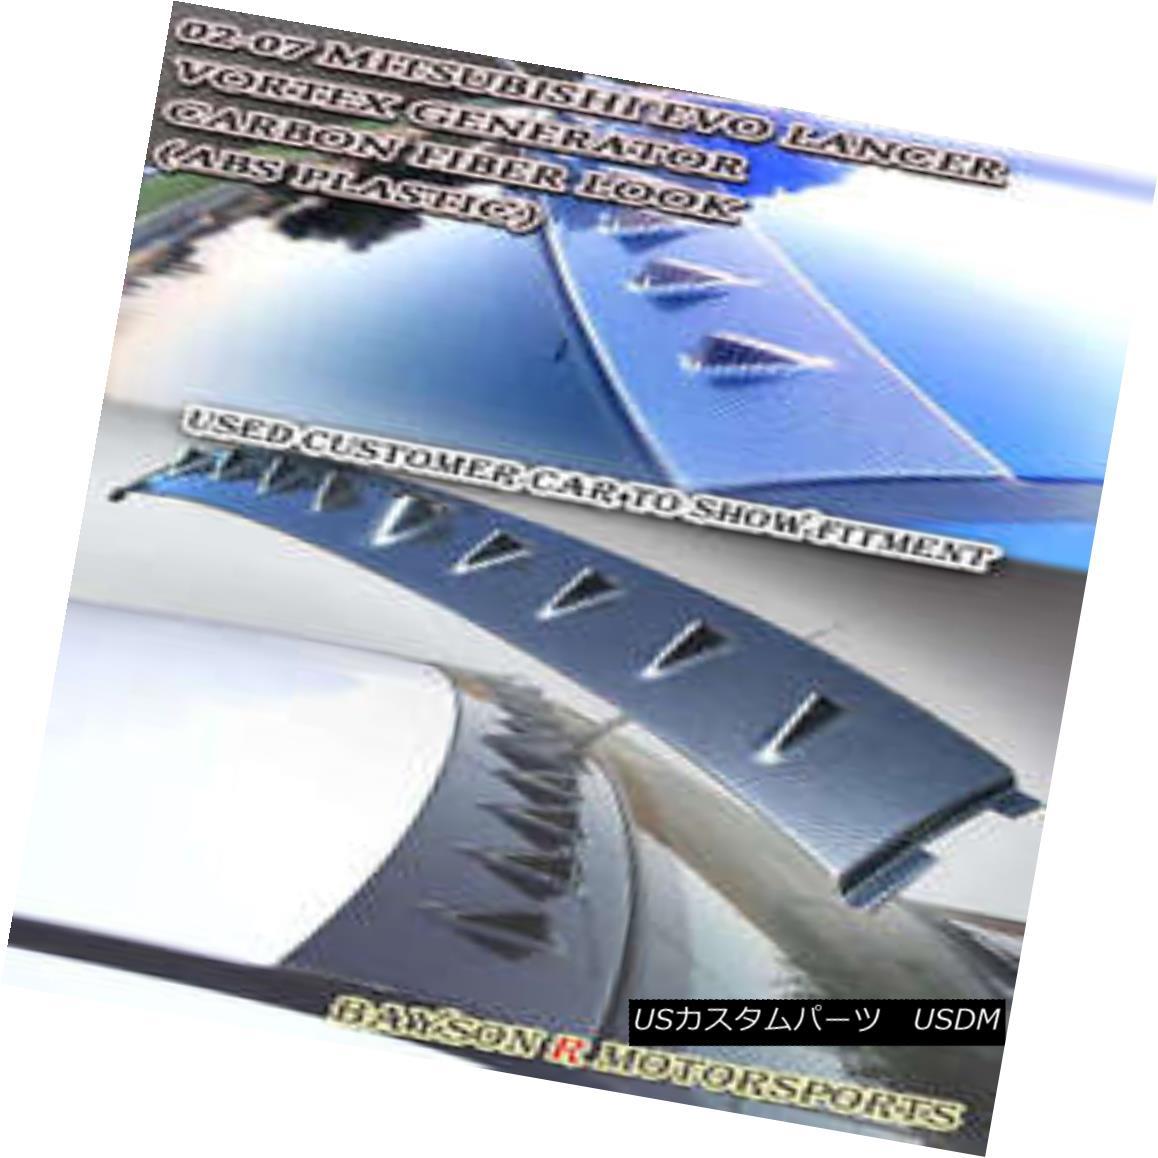 エアロパーツ Vor-Style VG Roof Spoiler (Carbon Look) Fits 01-07 Mitsubishi EVO 7 8 9 Vor-Style VGルーフスポイラー(カーボンルック)フィット01-07三菱EVO 7 8 9